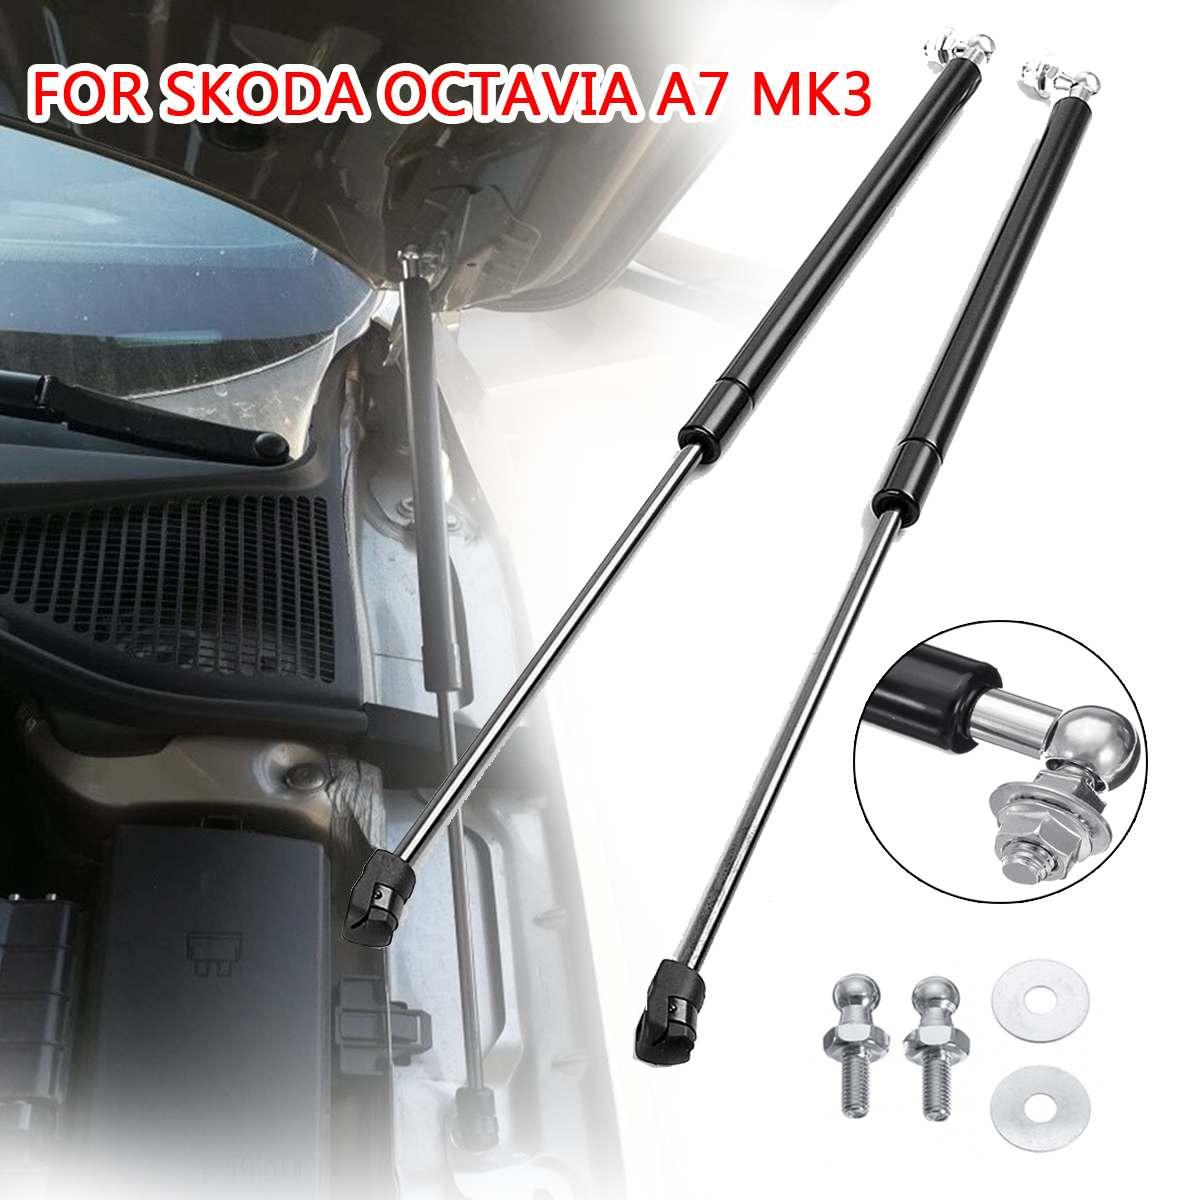 2 adet araba arka gaz şok Hood şok dikme amortisör kaldırma desteği Skoda Octavia için A7 MK3